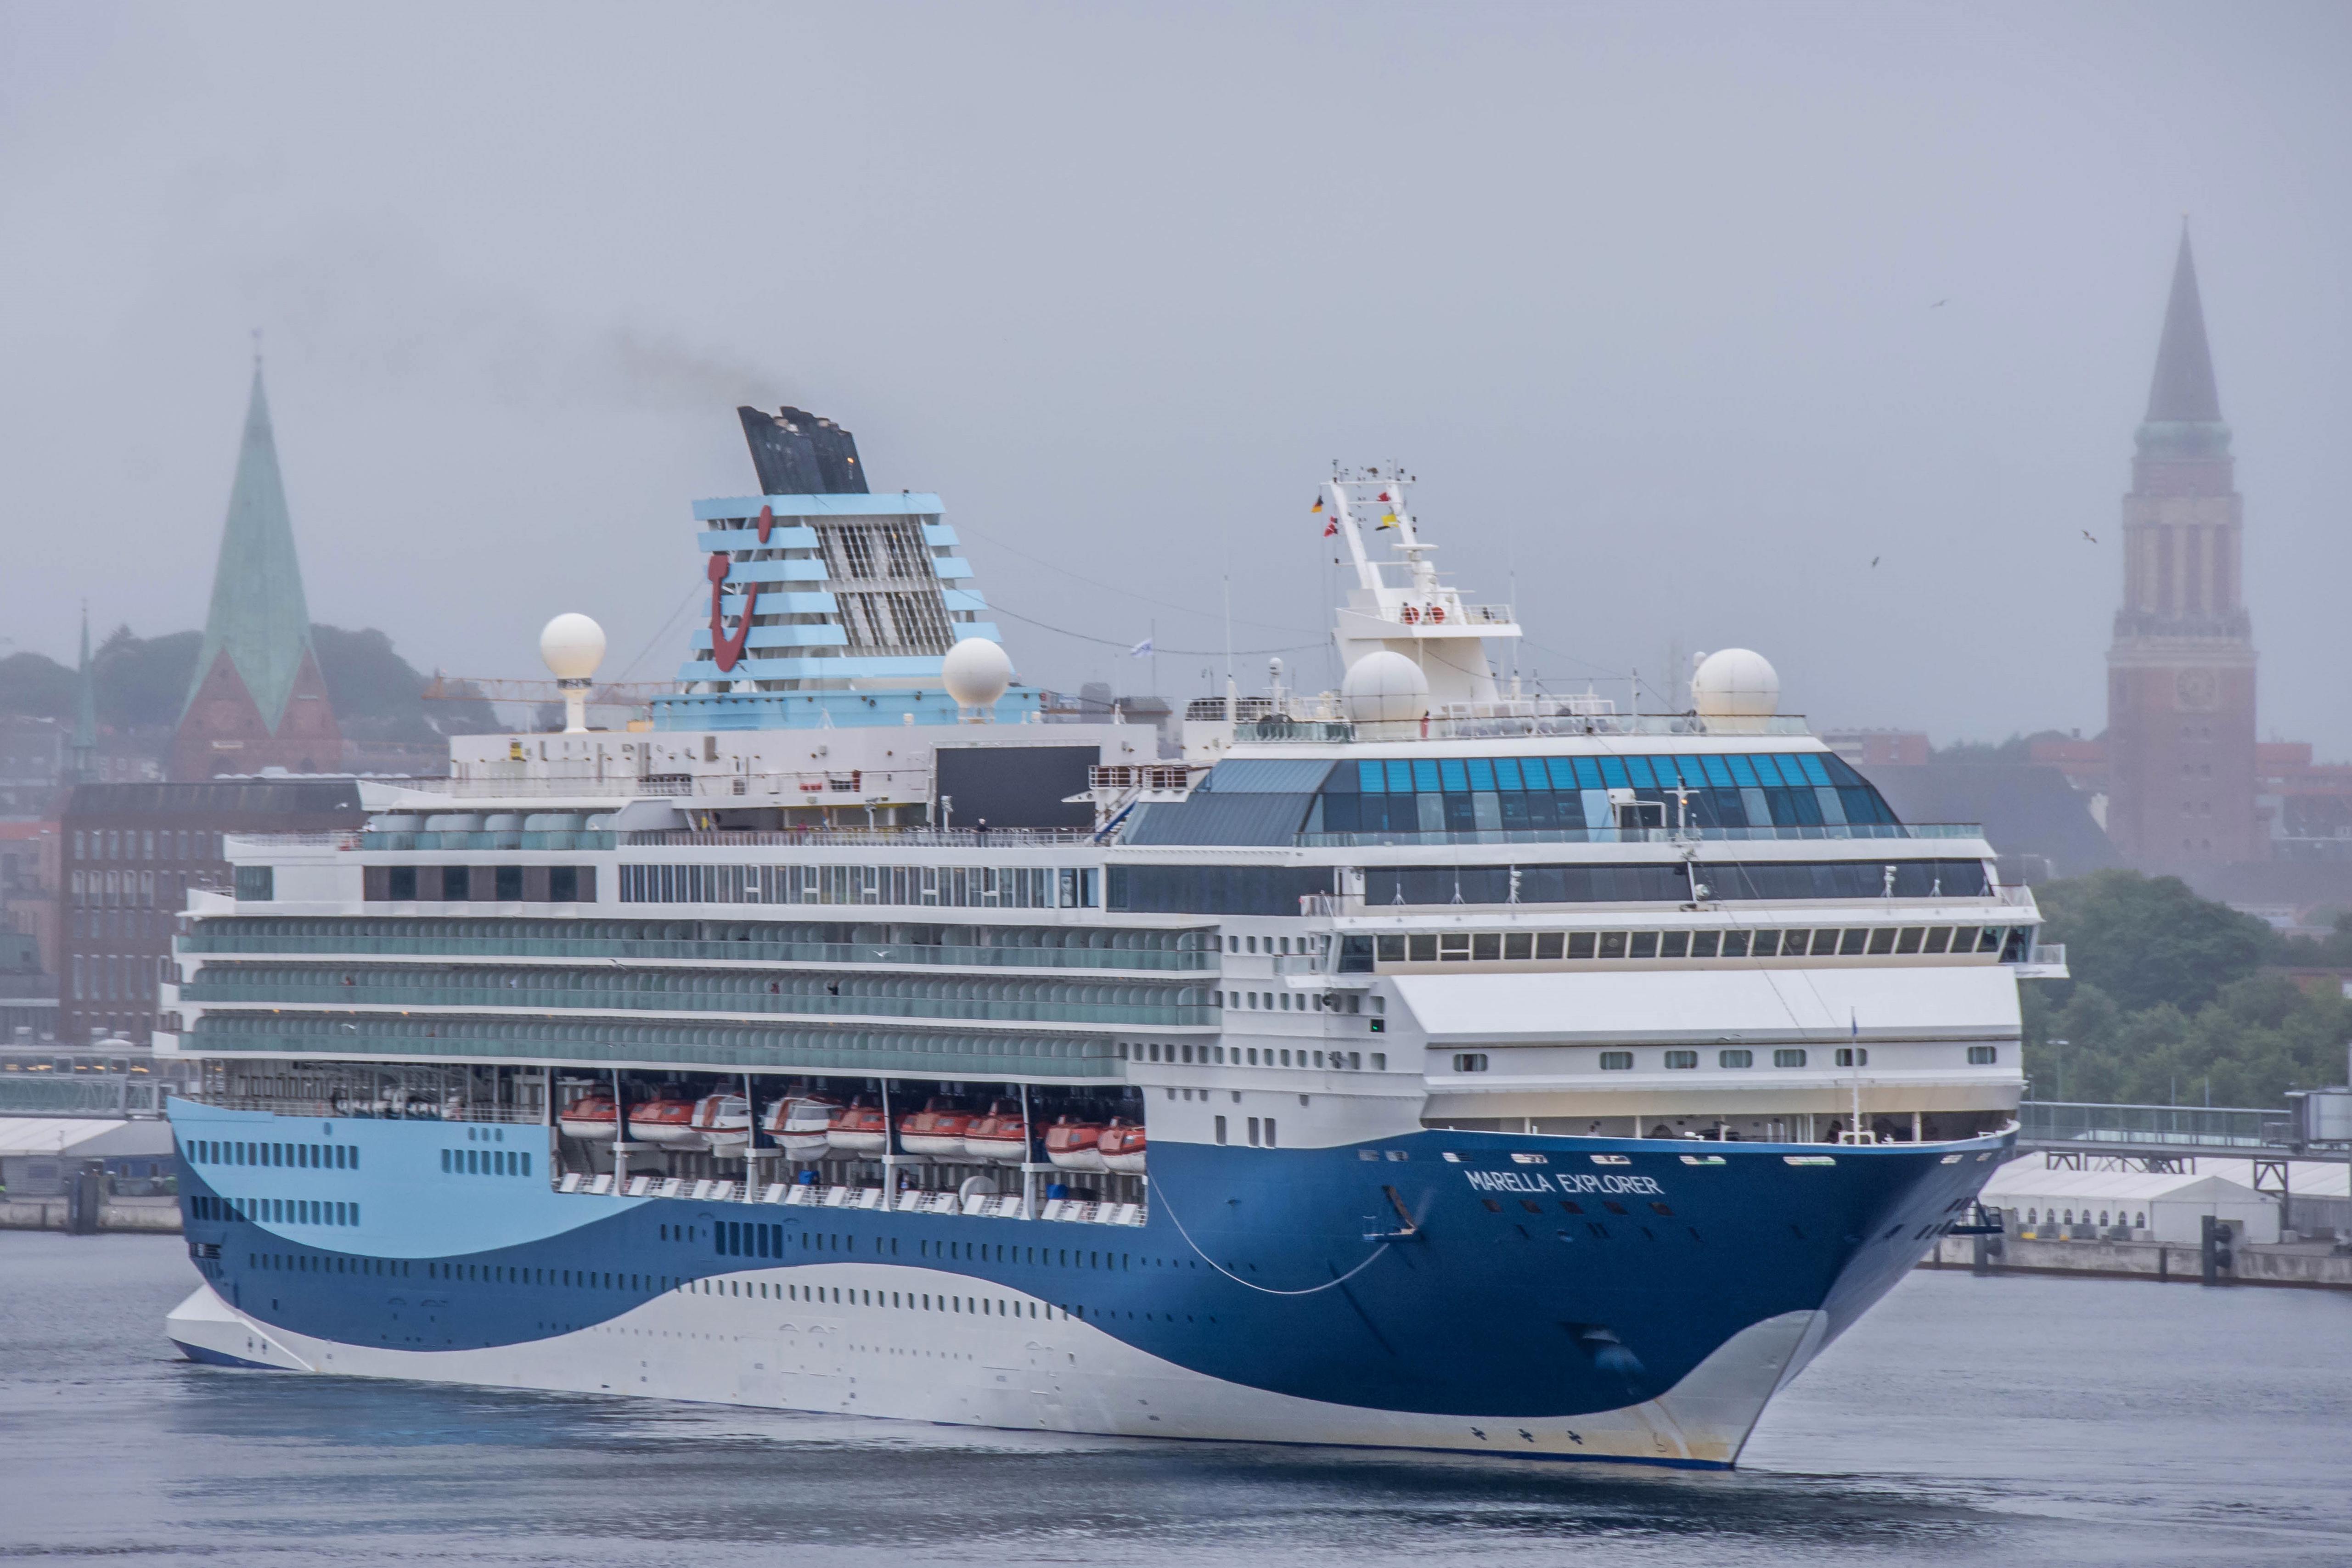 """Erstanlauf von Marella Cruises in Kiel.Die """"Marella Explorer"""" mit knapp 2.000 meist englischsprachigen Passagieren hat erstmals im Kieler Hafen angelegt."""